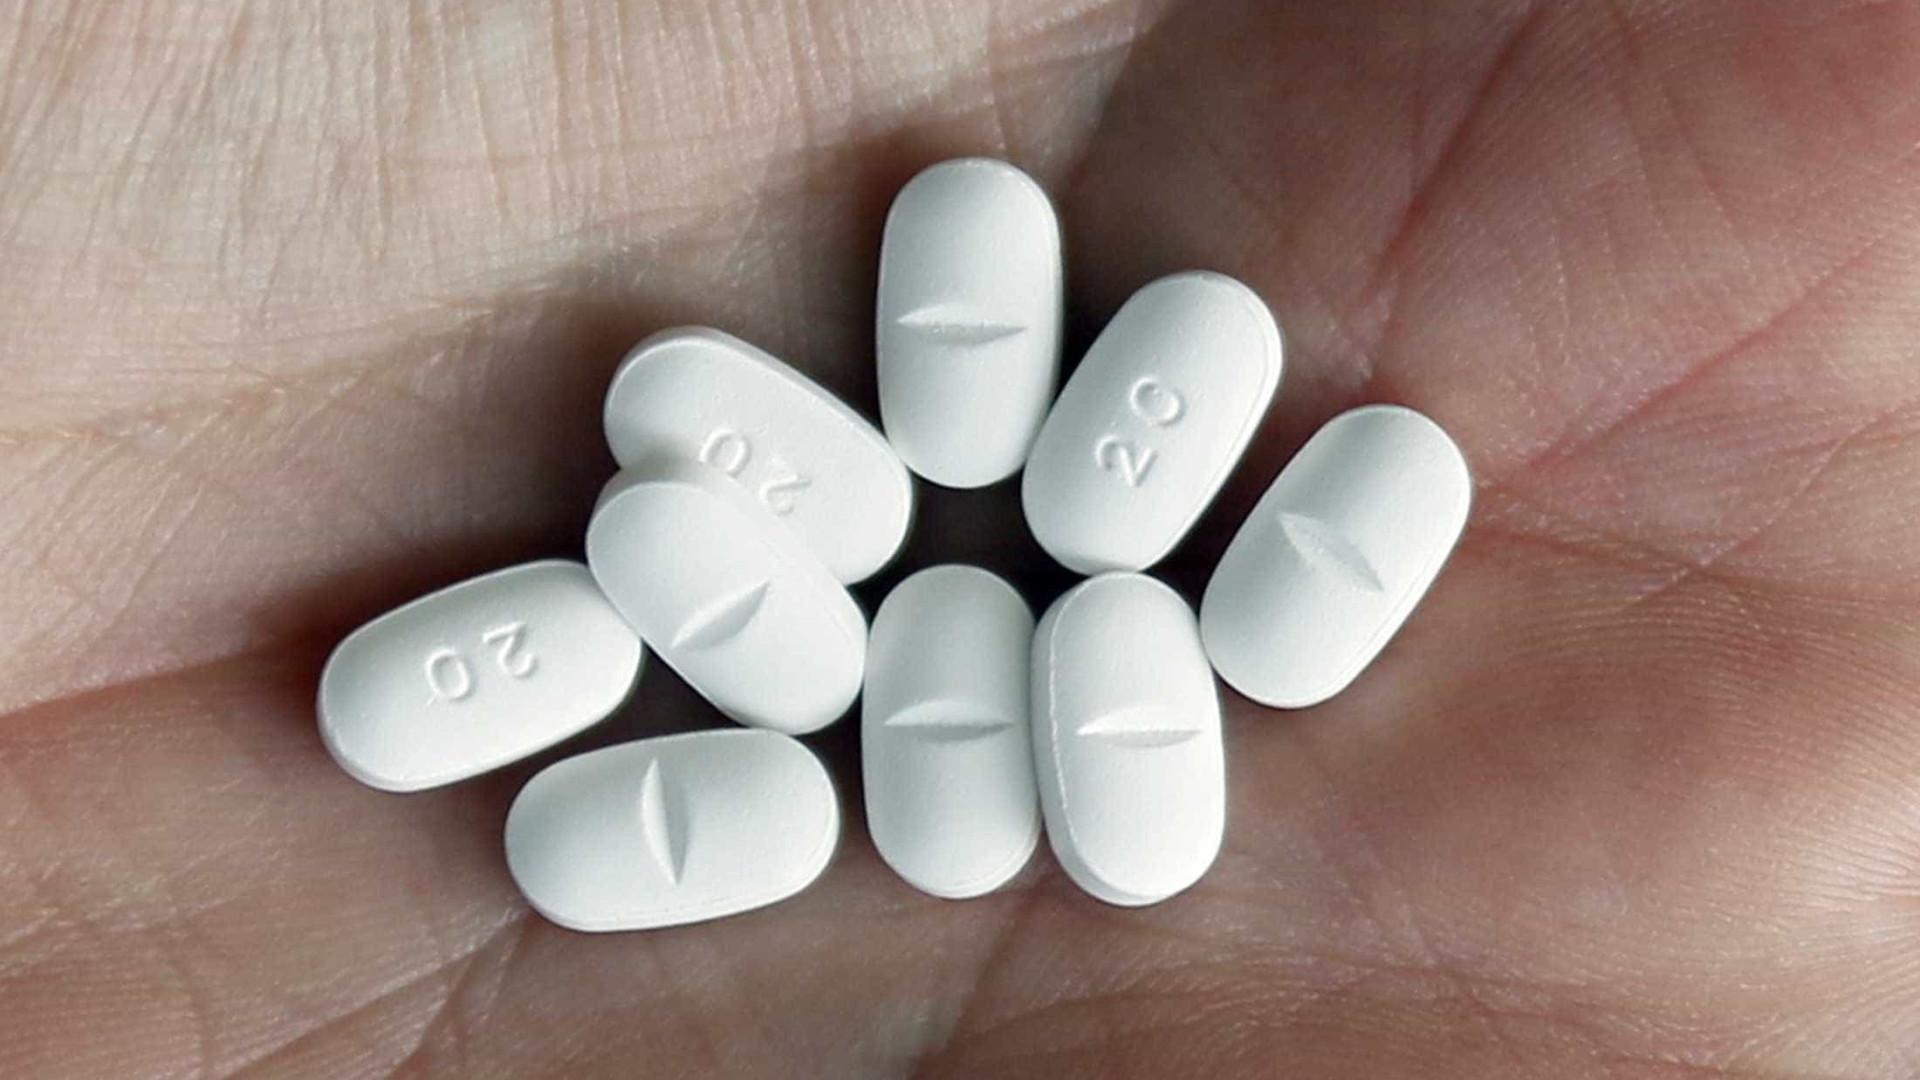 Ibuprofeno em excesso pode levar à impotência e prejudicar coração